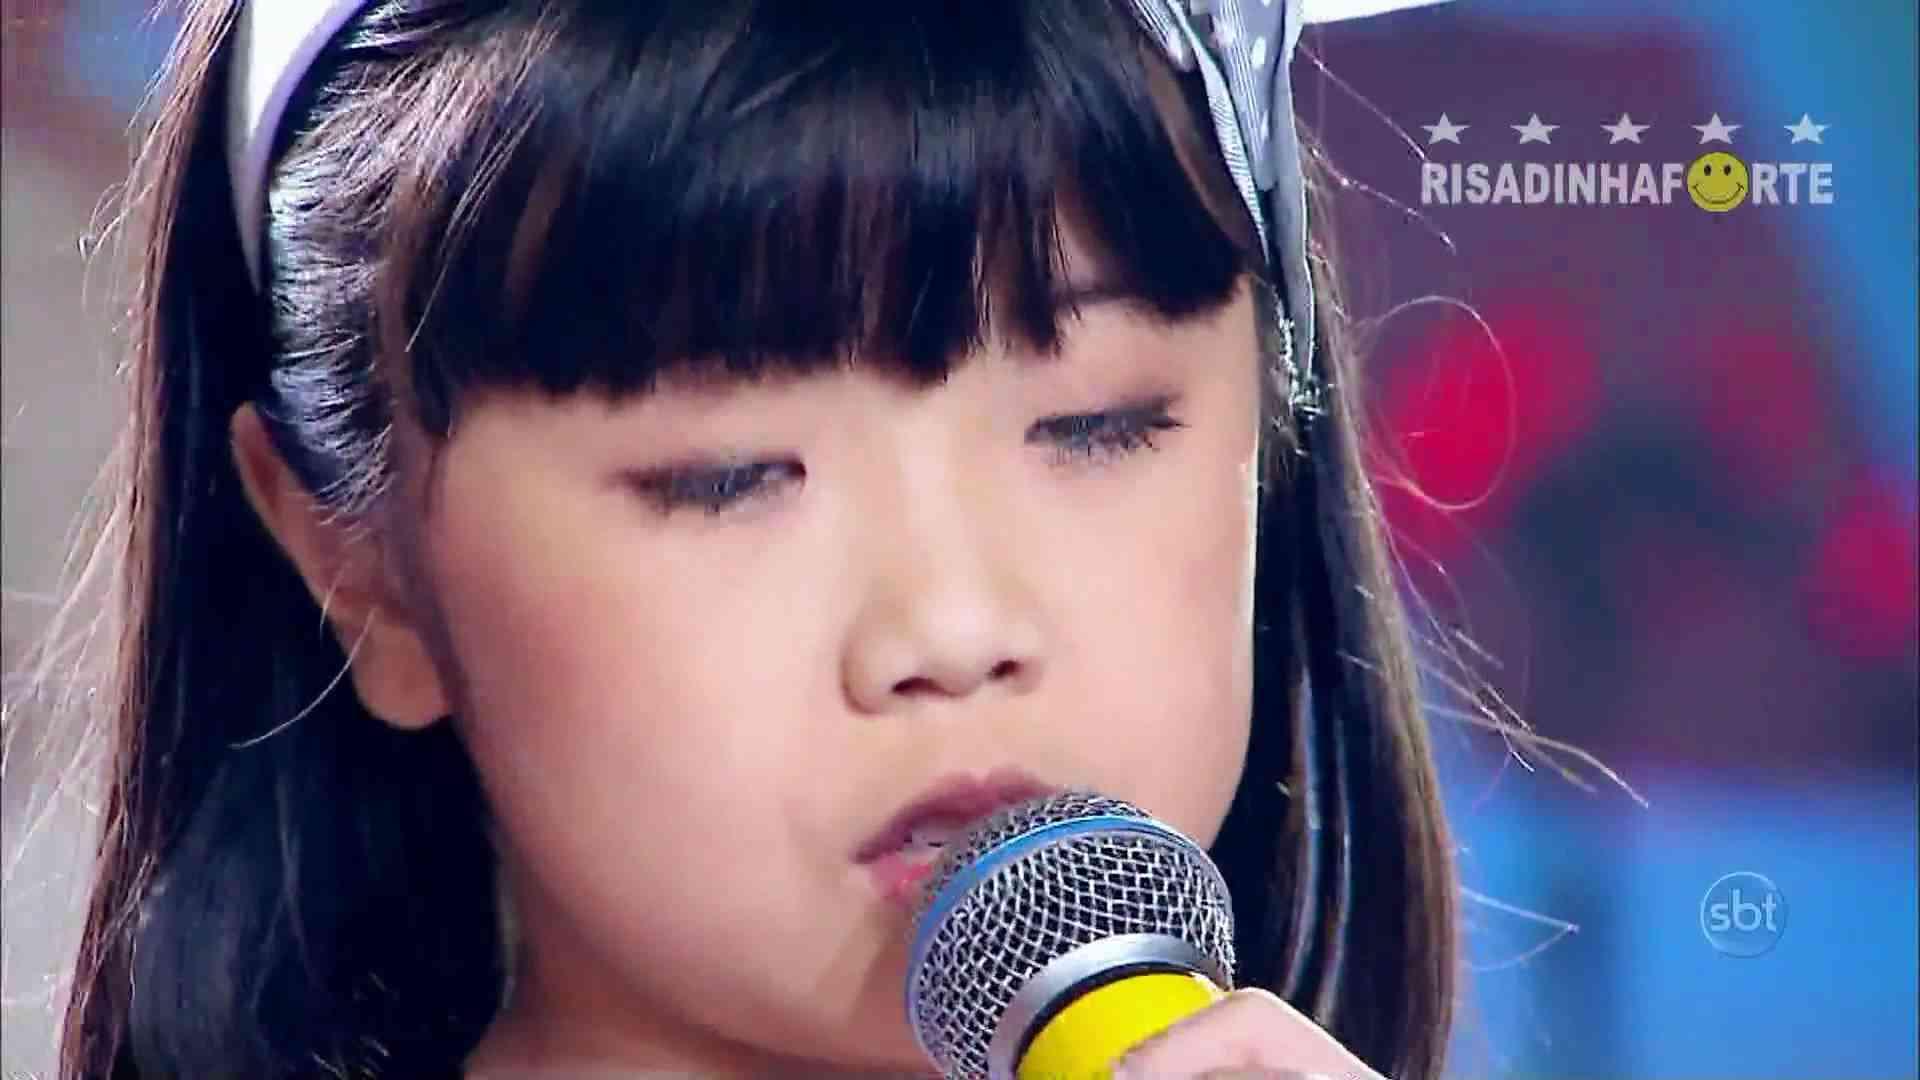 泣ける映像。 天使の歌声に感動してください ブラジルの番組で日本語で歌う子供 - YouTube